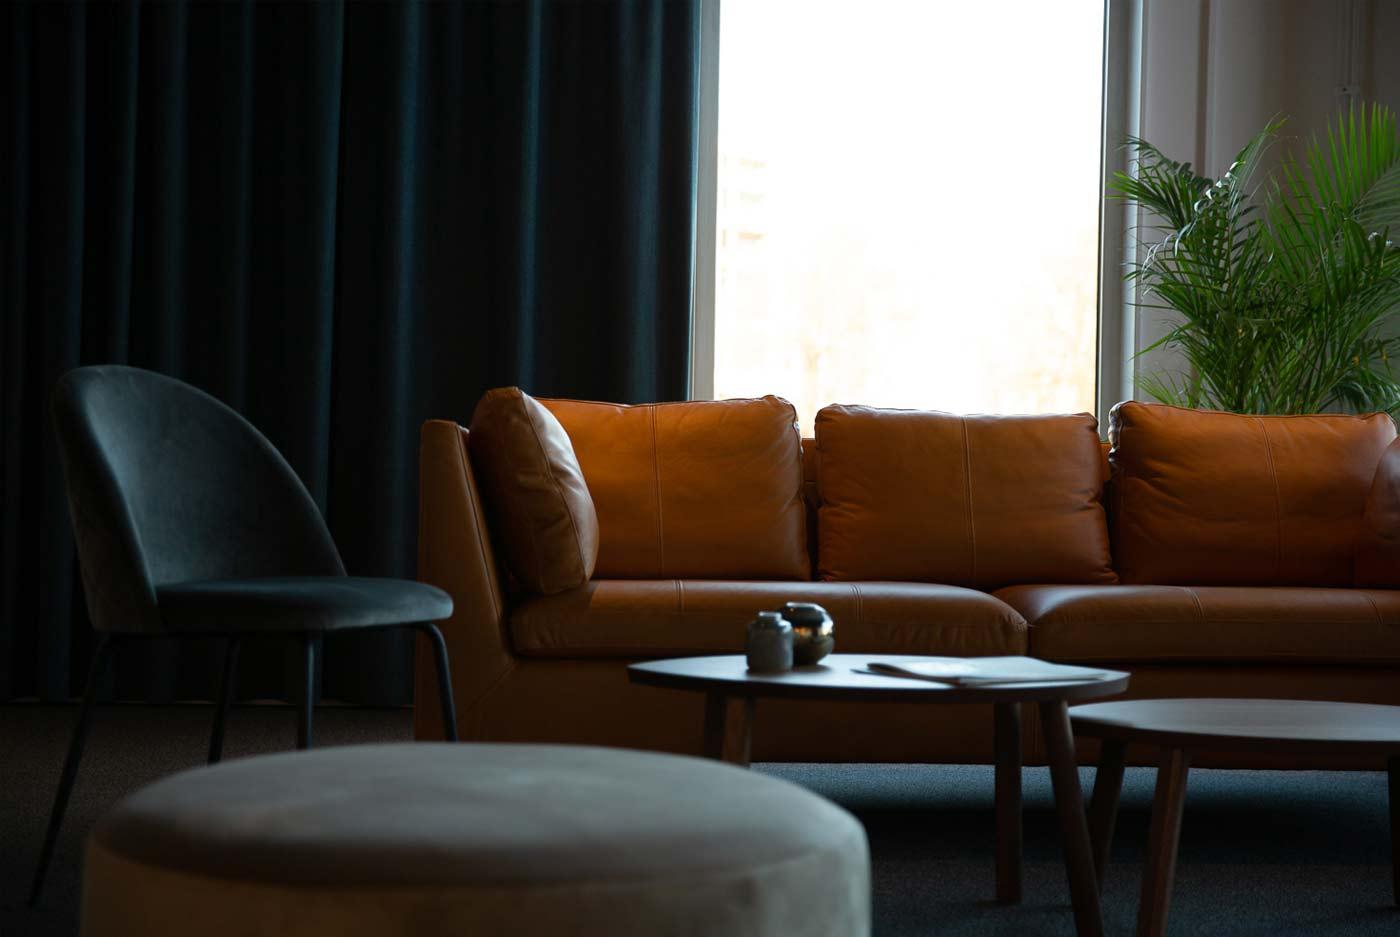 Välkommen till Ny Vy! Vår vision är att bli Sveriges bästa mäklare – vill du hänga med på resan?